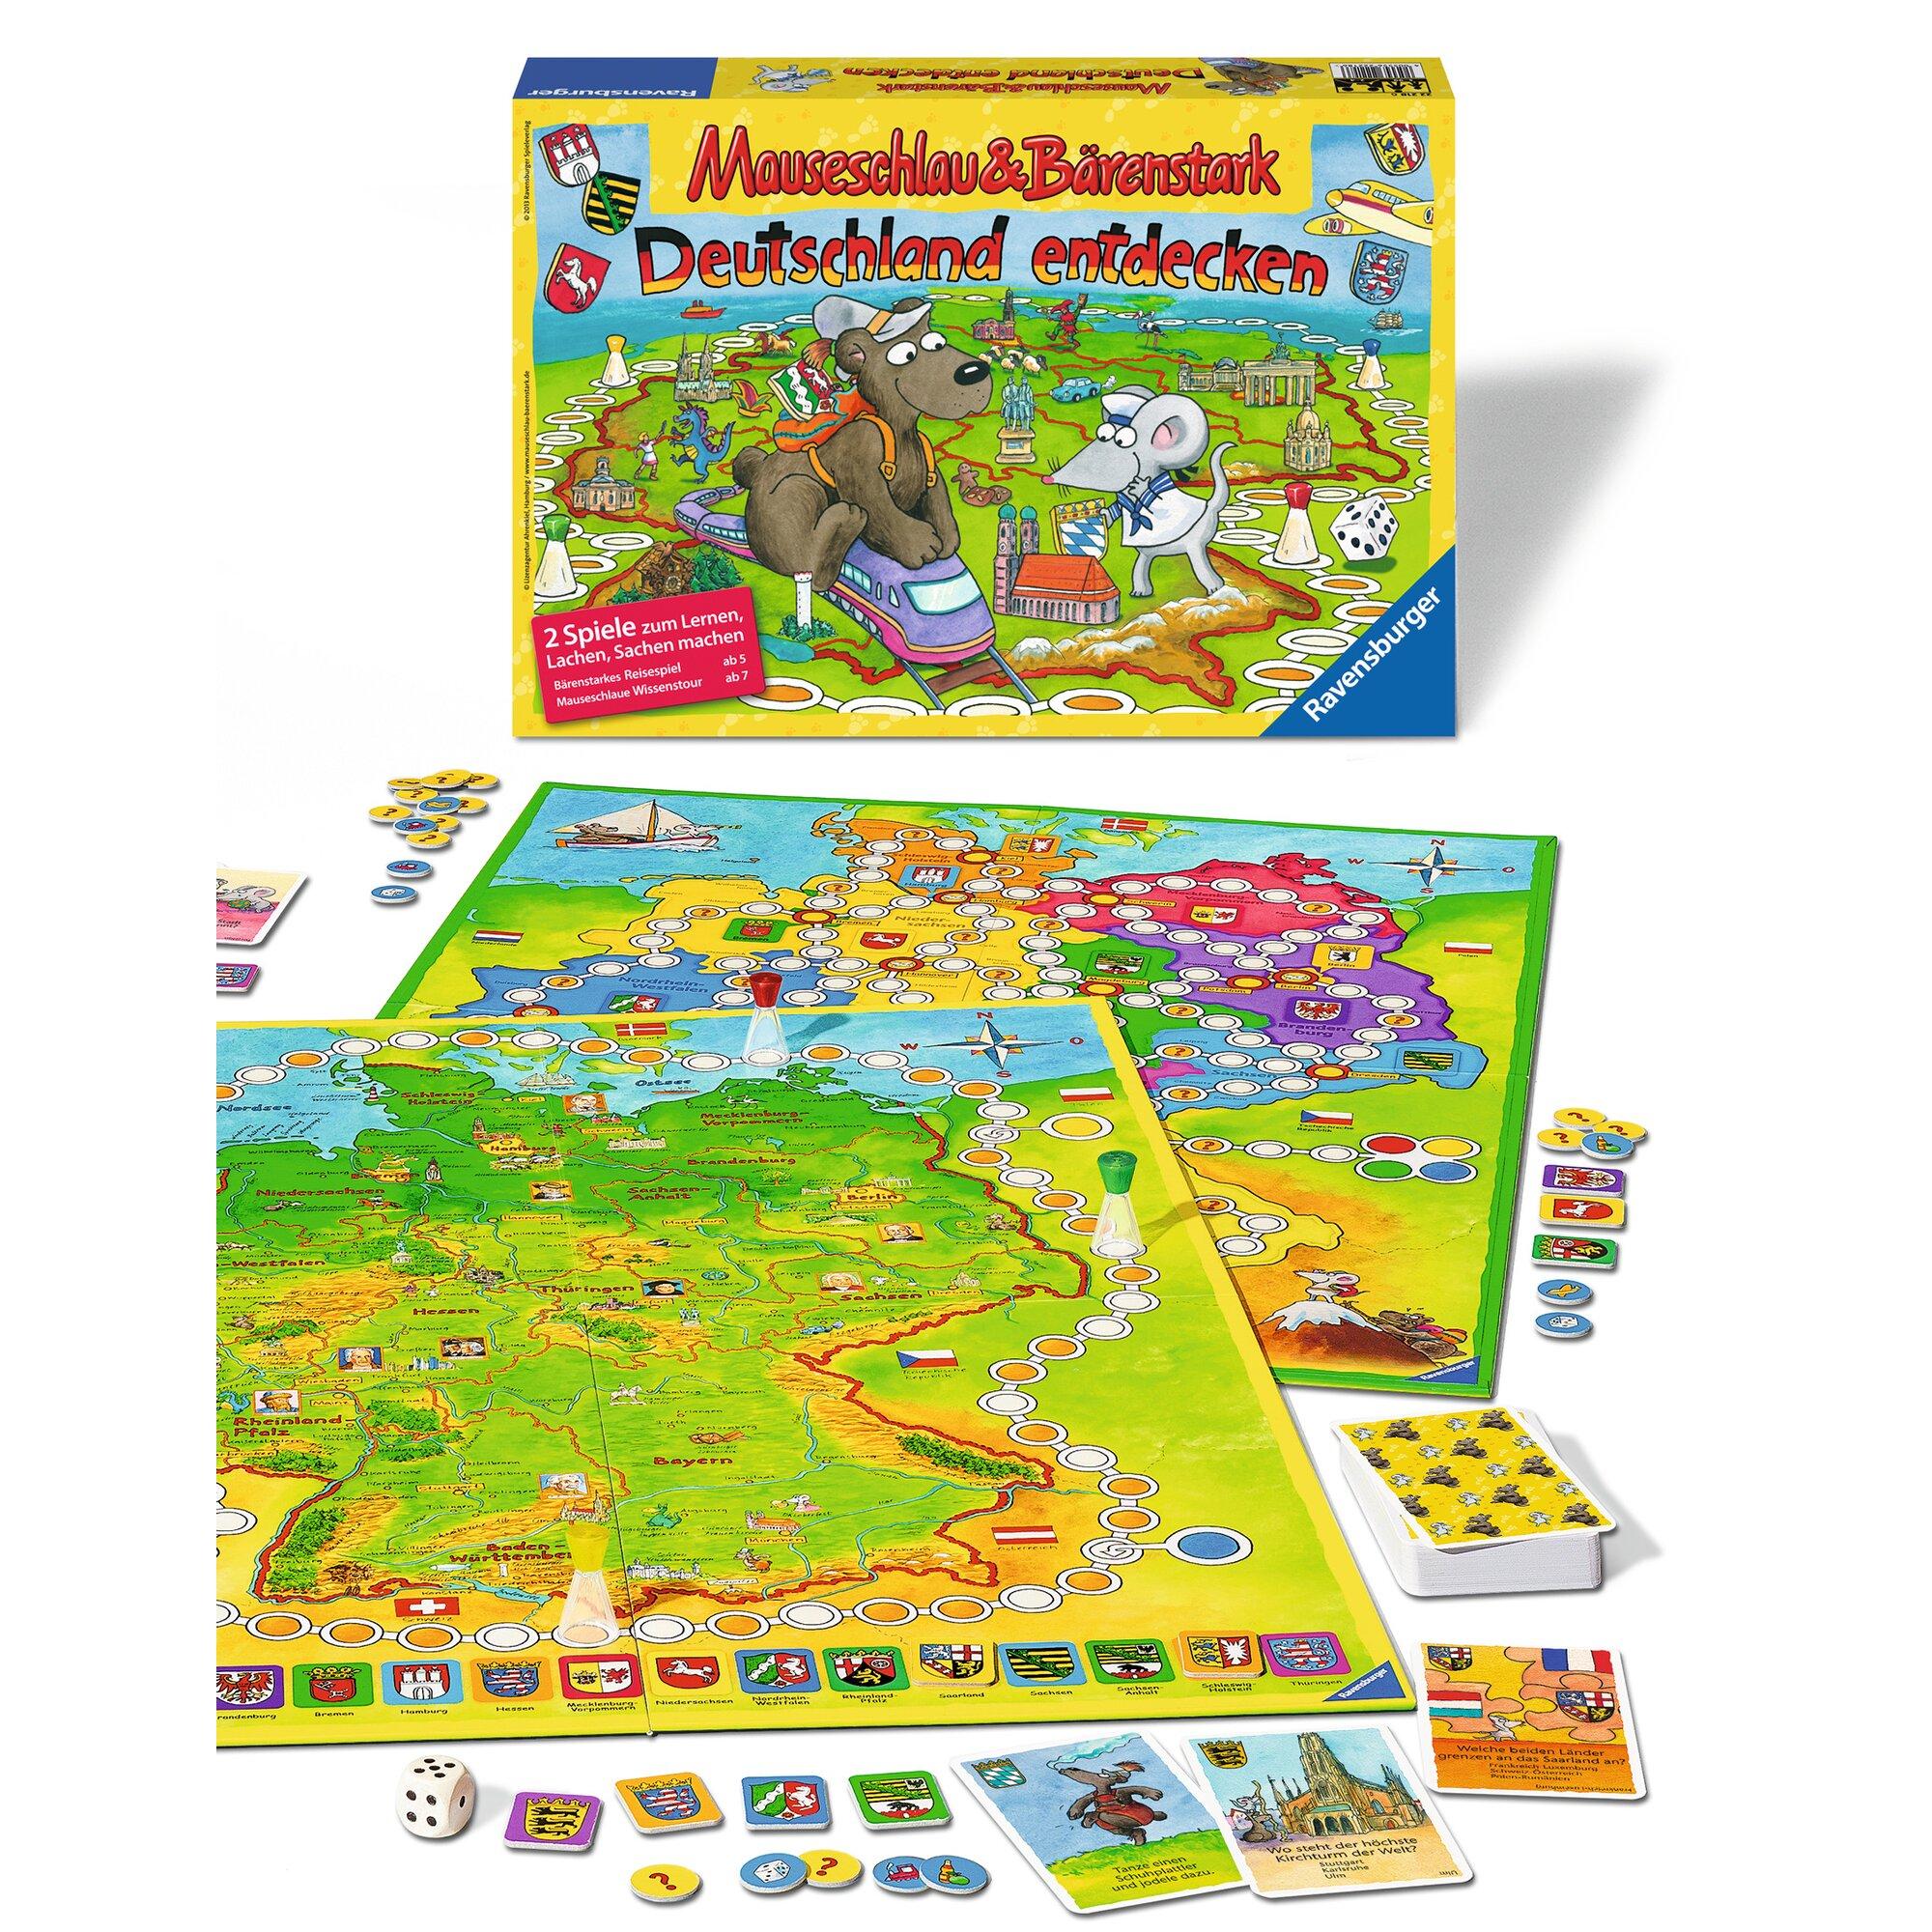 ravensburger-mauseschlau-barenstark-deutschland-entdecken-quiz-und-wurfellaufspiel